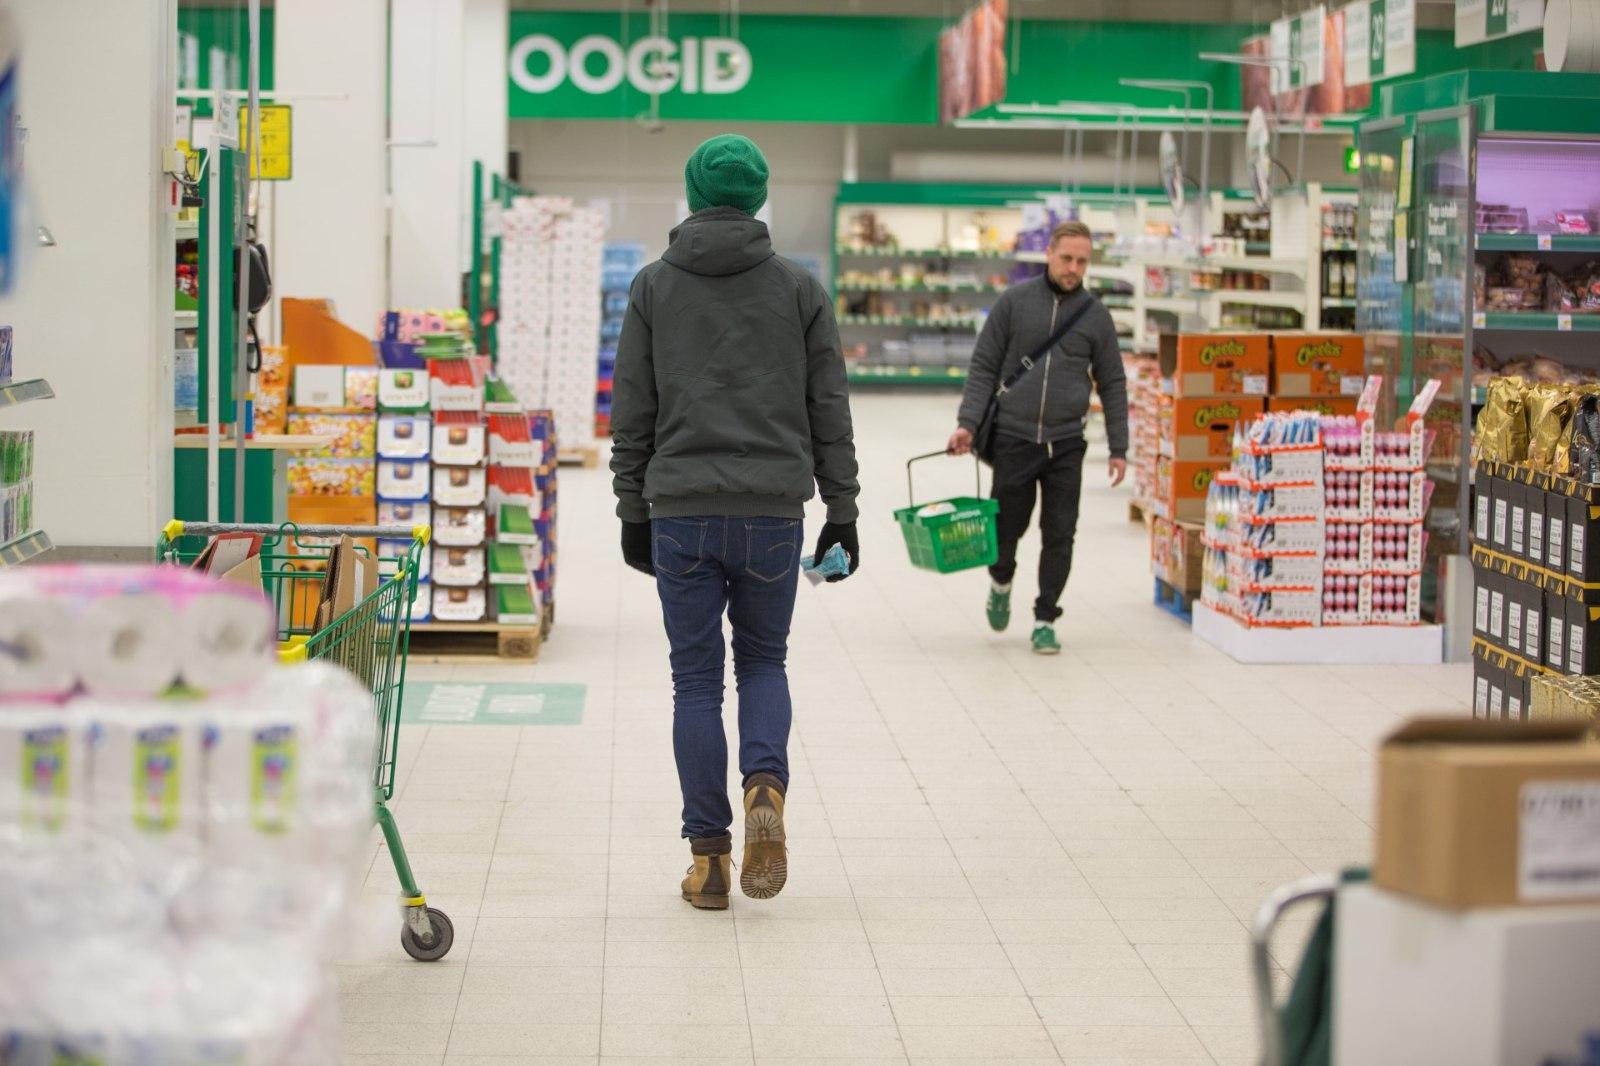 cb8e8b57511 ÕL VIDEO JA FOTOD | Ööelu hüpermarketis: miks lähevad inimesed kell kaks  öösel poodi?! | Õhtuleht